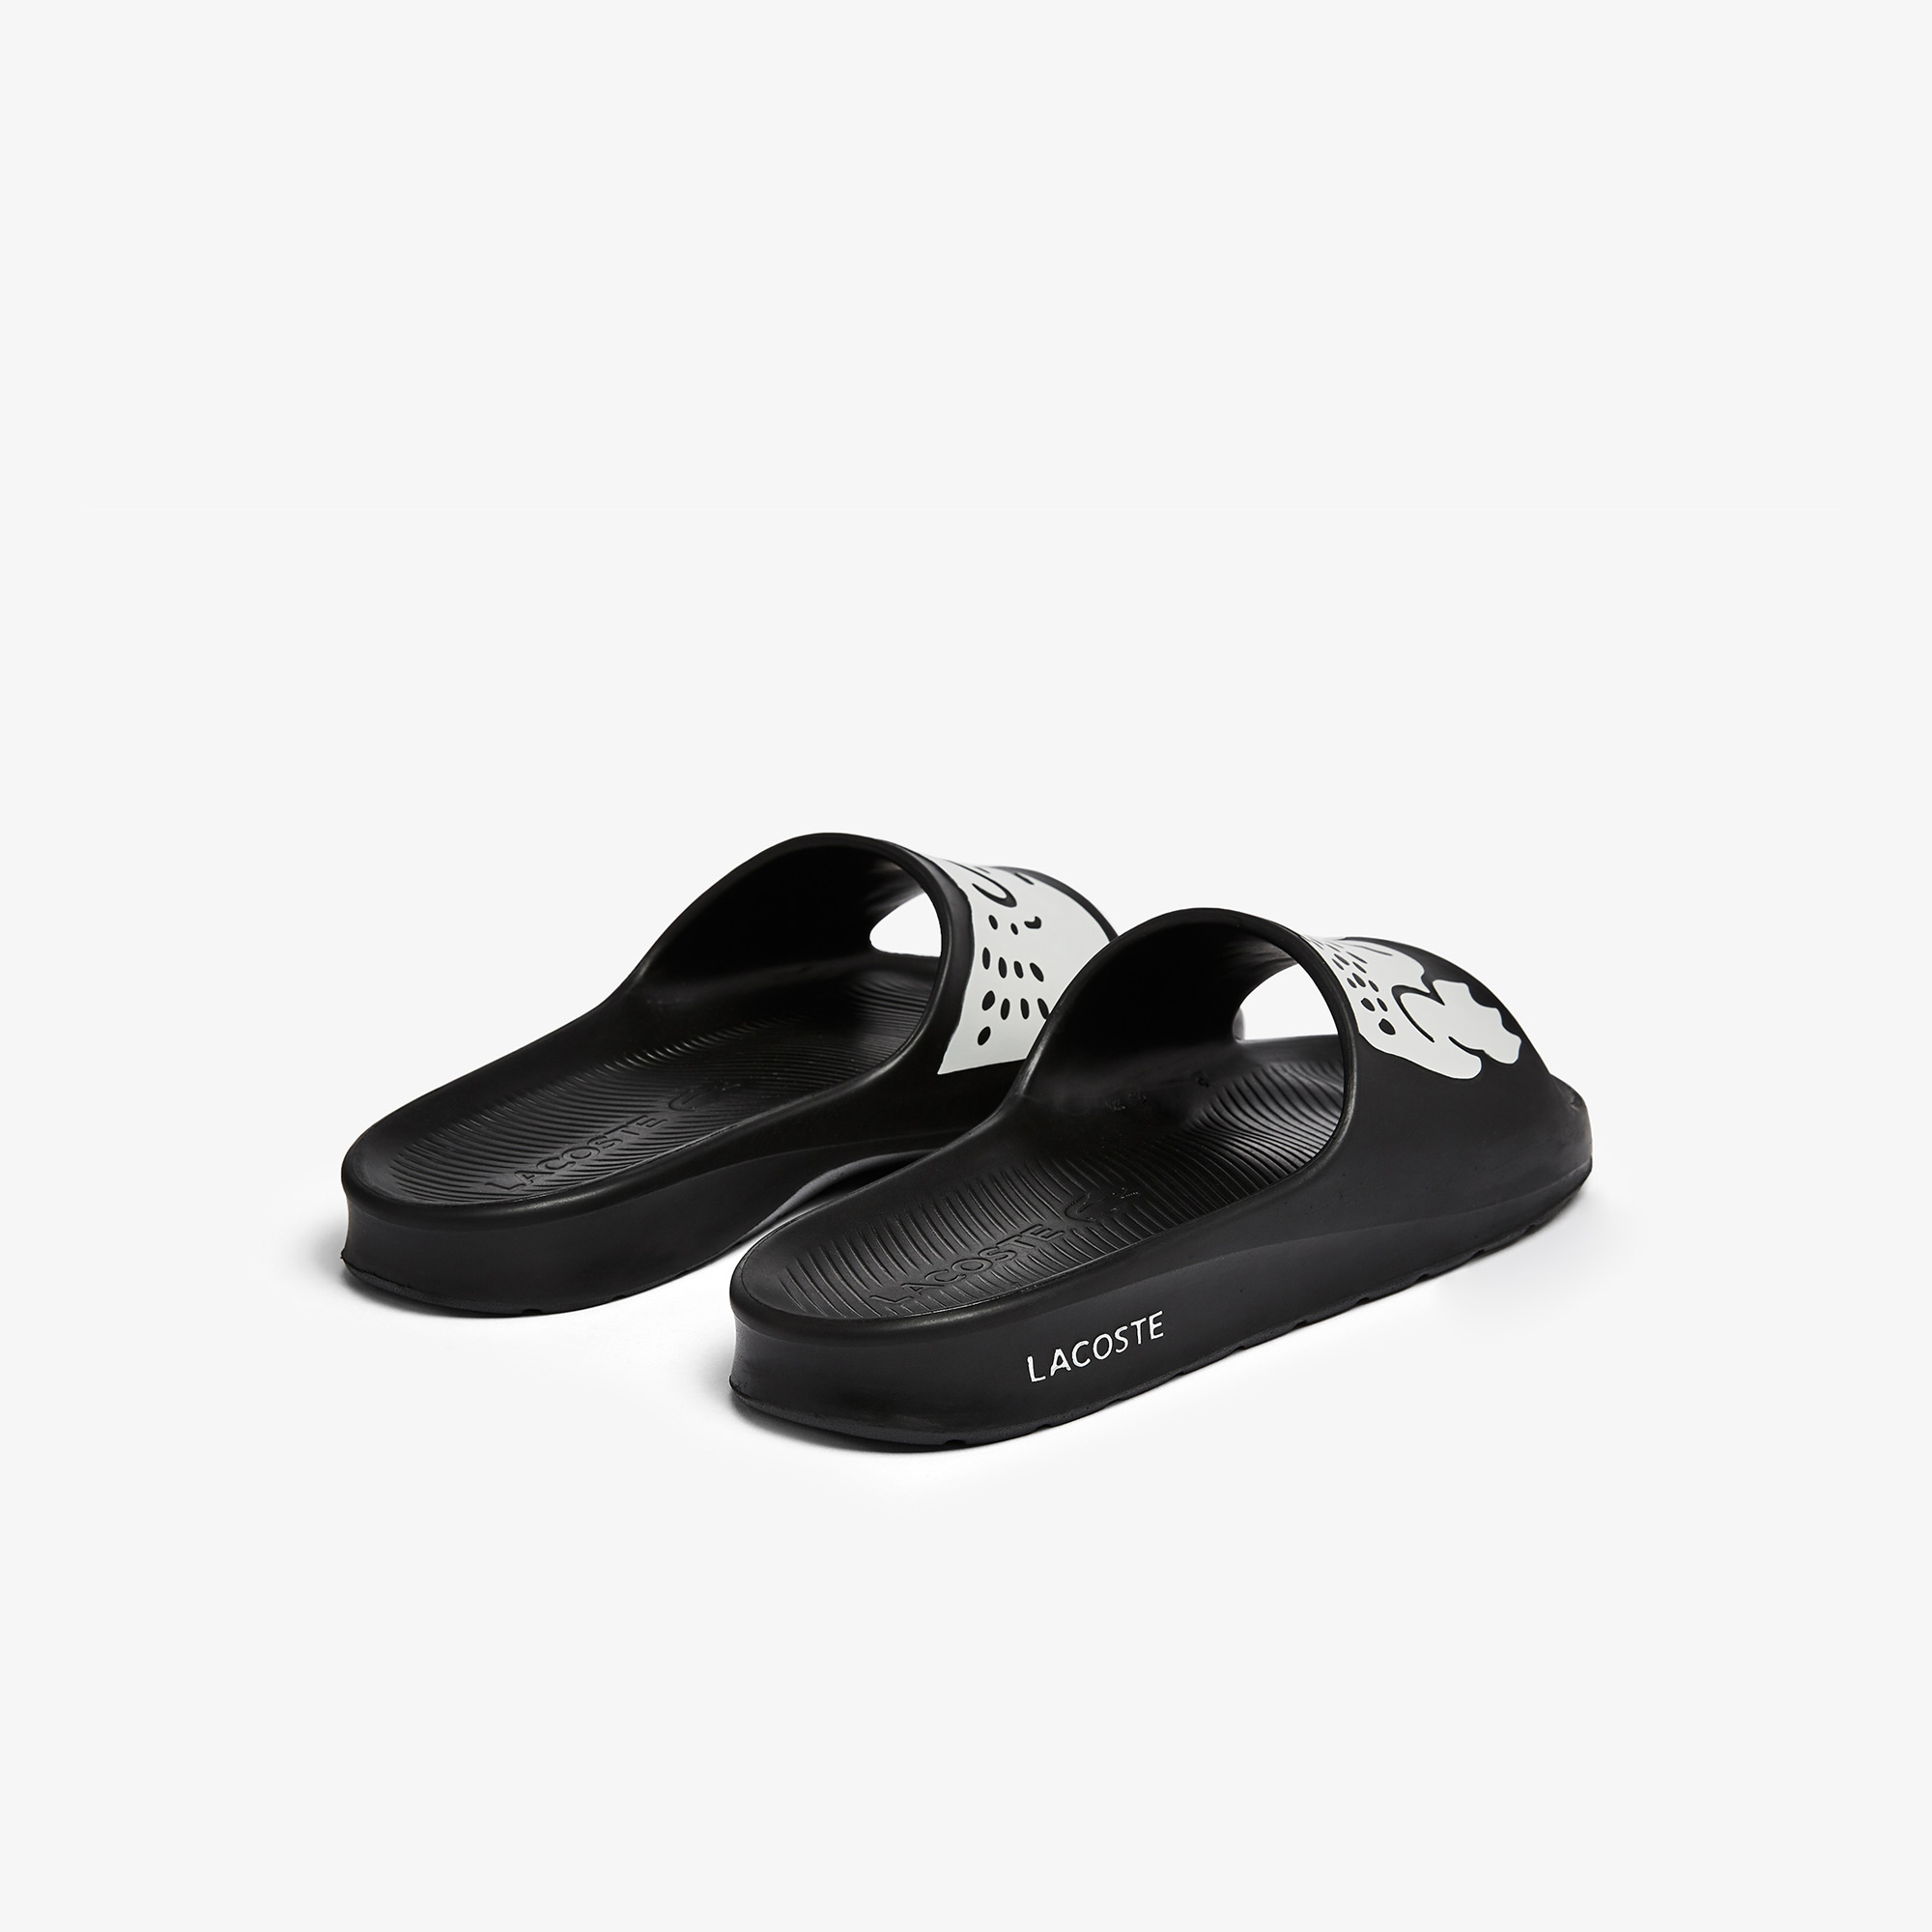 Lacoste Men's Croco 2.0 0721 2 Cma Shoes